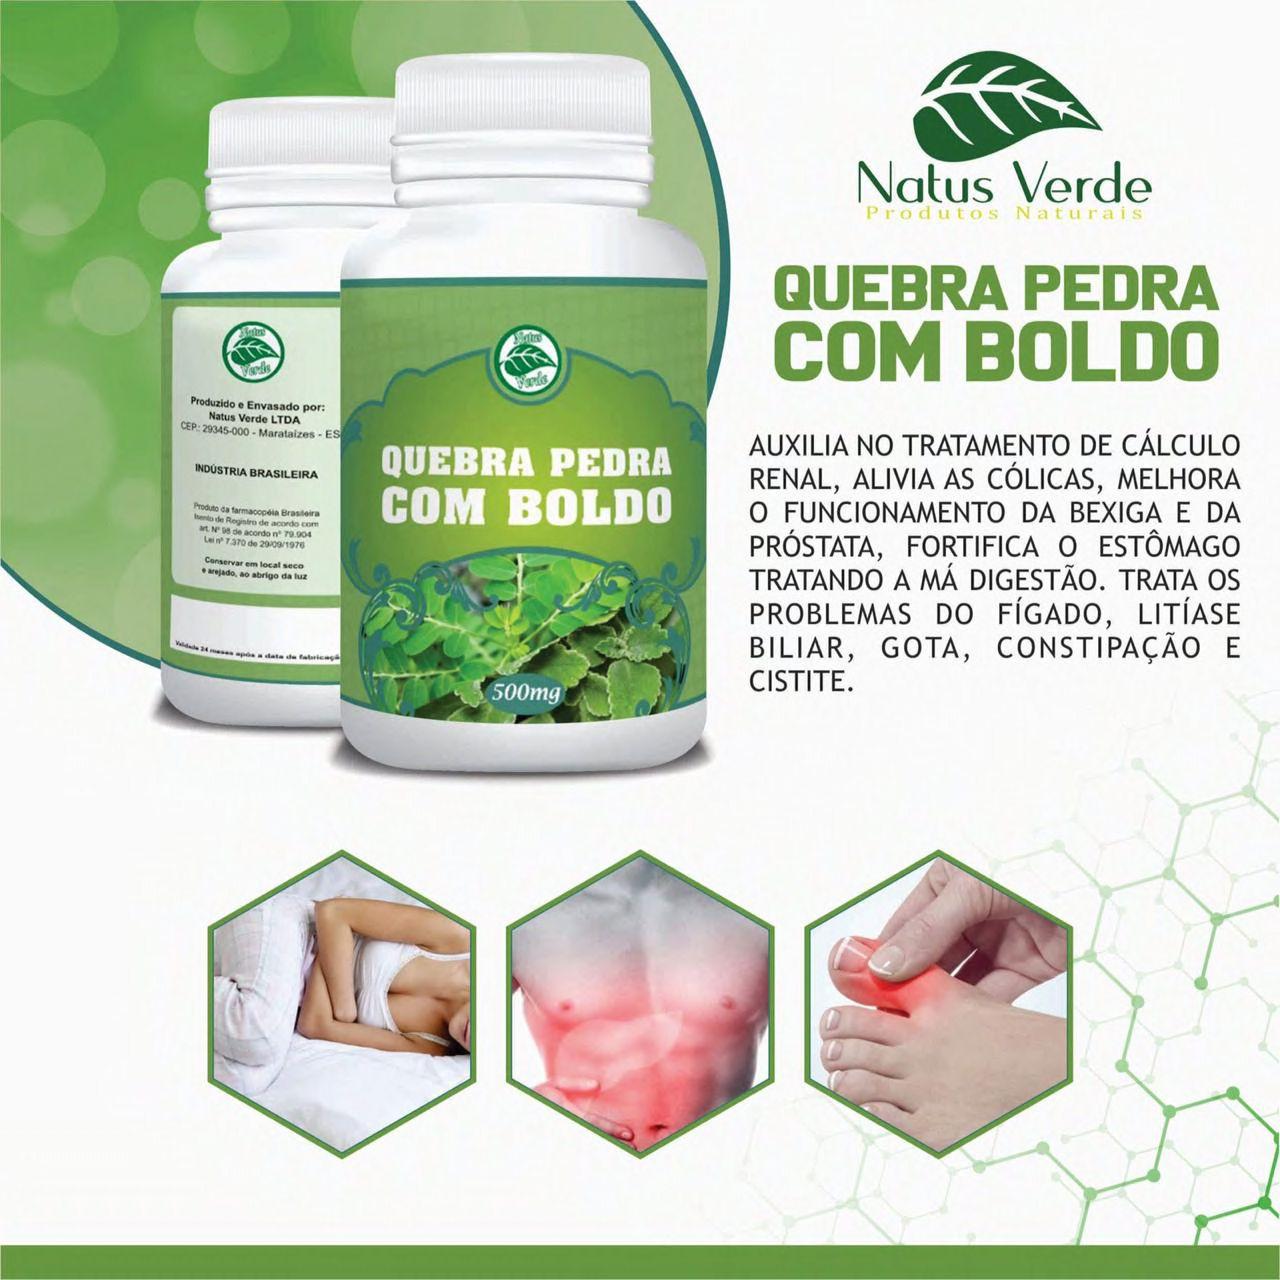 Composto Quebra Pedra com Boldo 60 Caps Natus Verdes  - Fribasex - Fabricasex.com